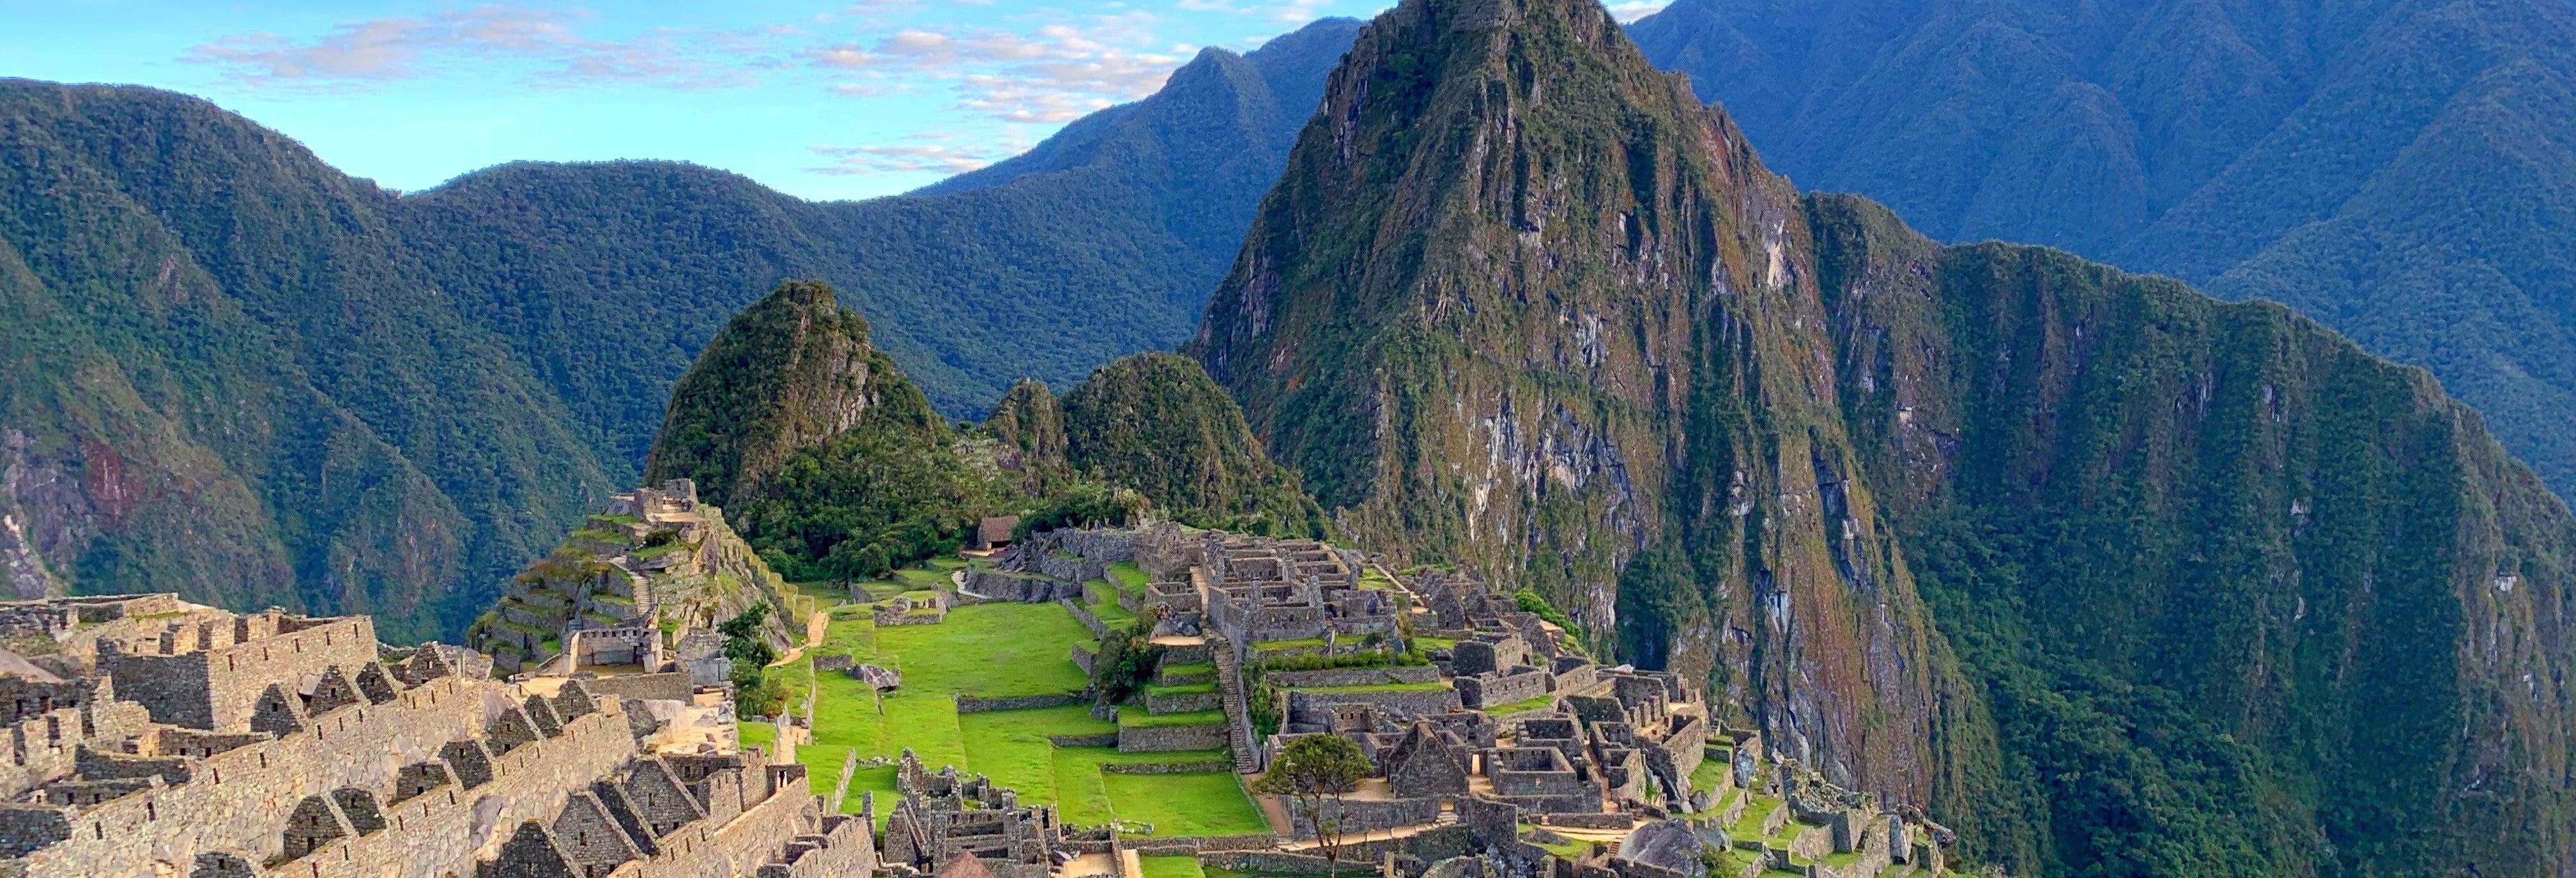 Tour di 3 giorni a Cusco e Machu Picchu